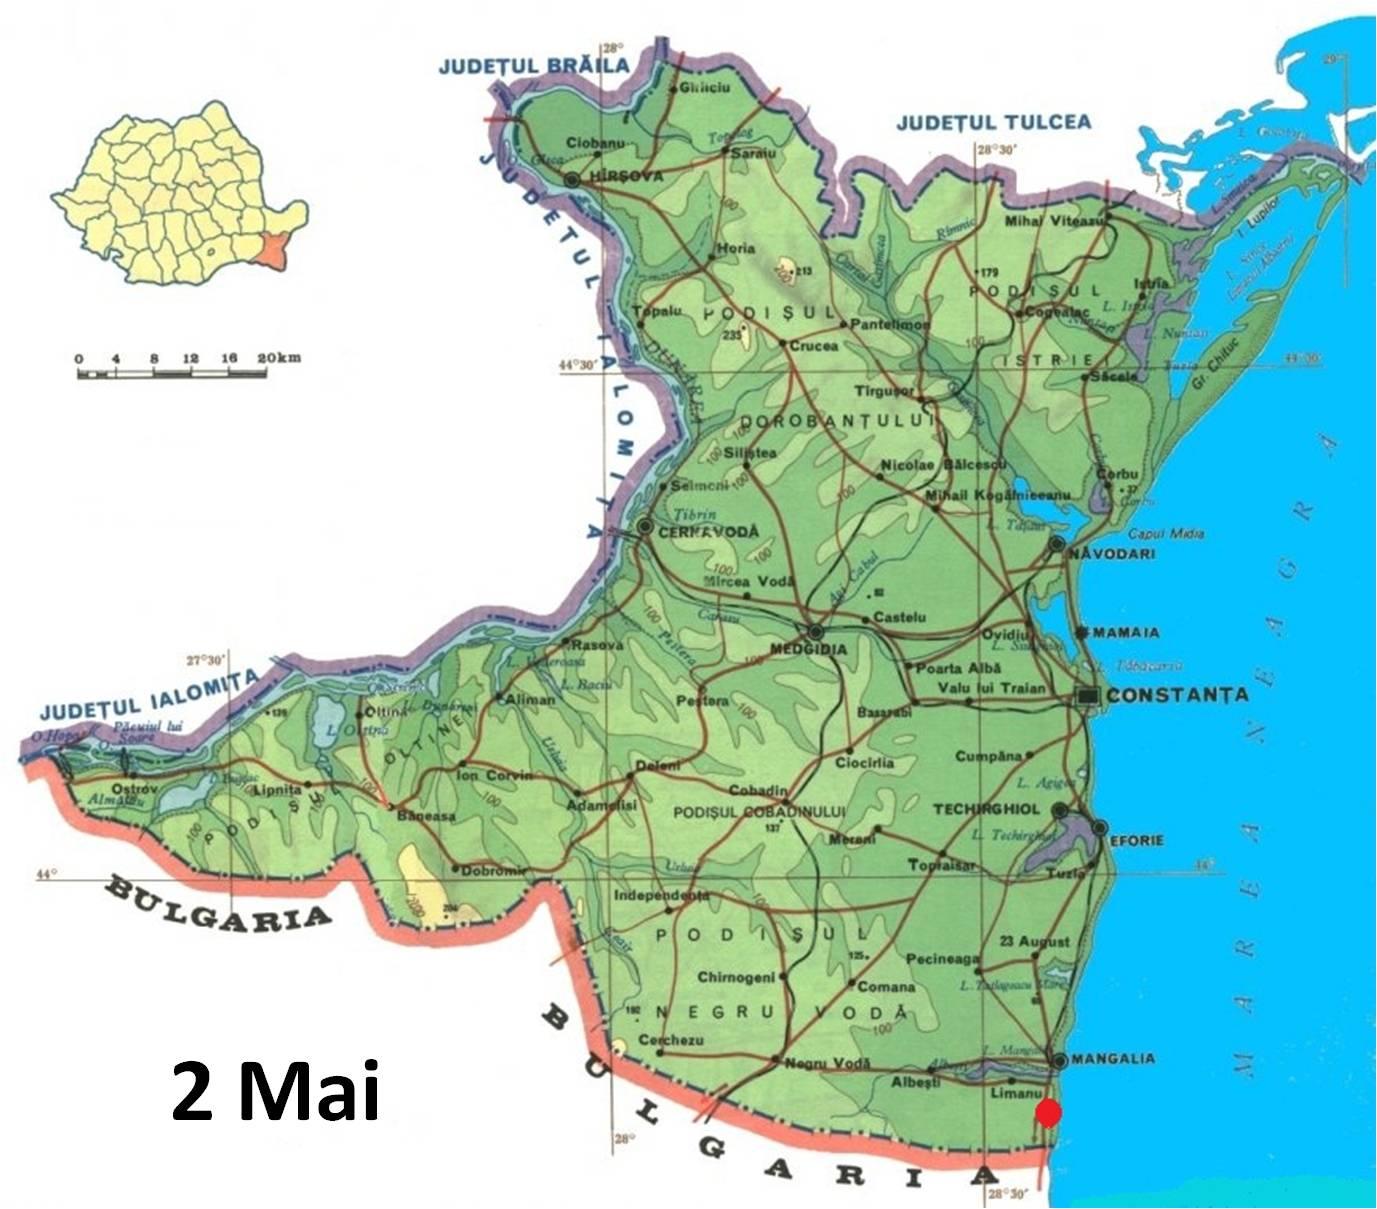 Május 2 fürdőturisztikai térképe - szállás